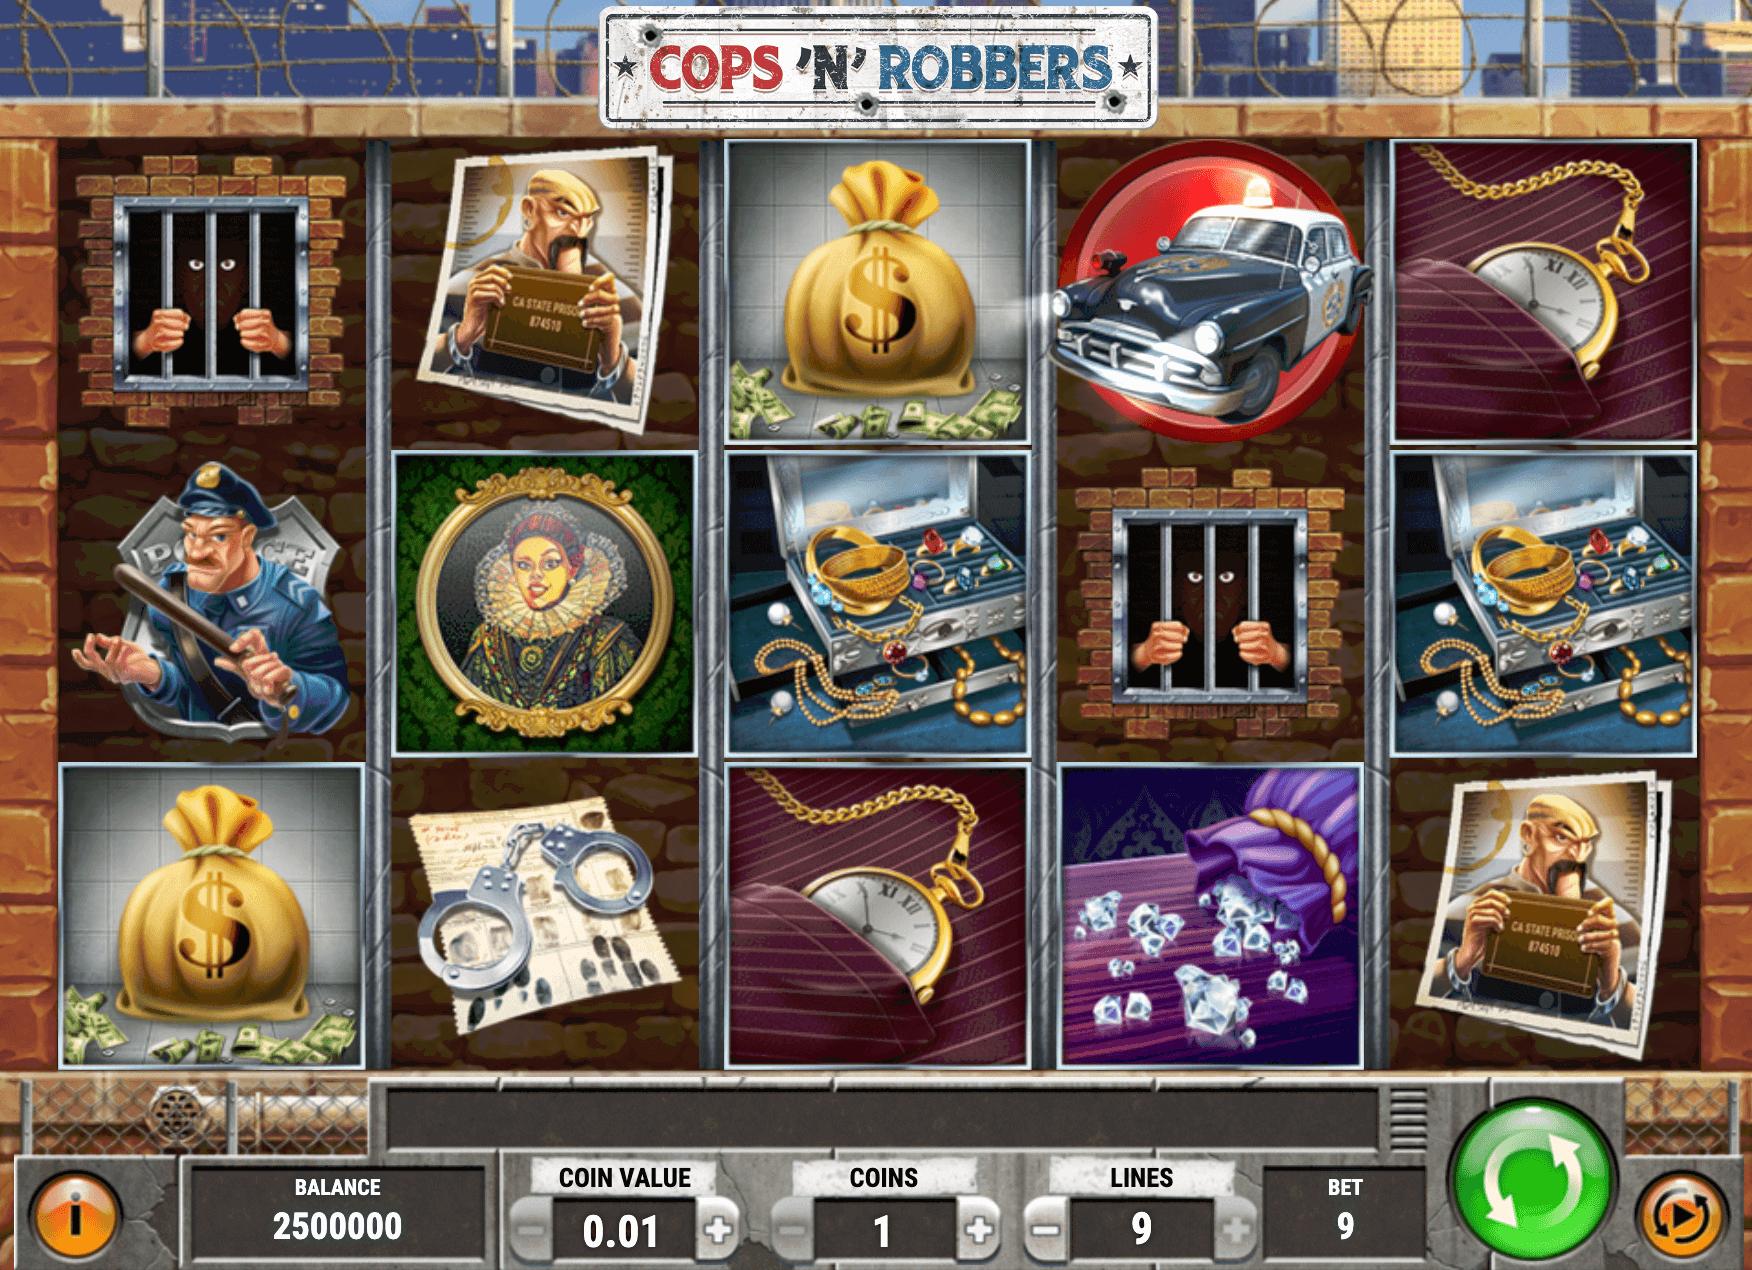 Cops'n' Robbers Online Slot